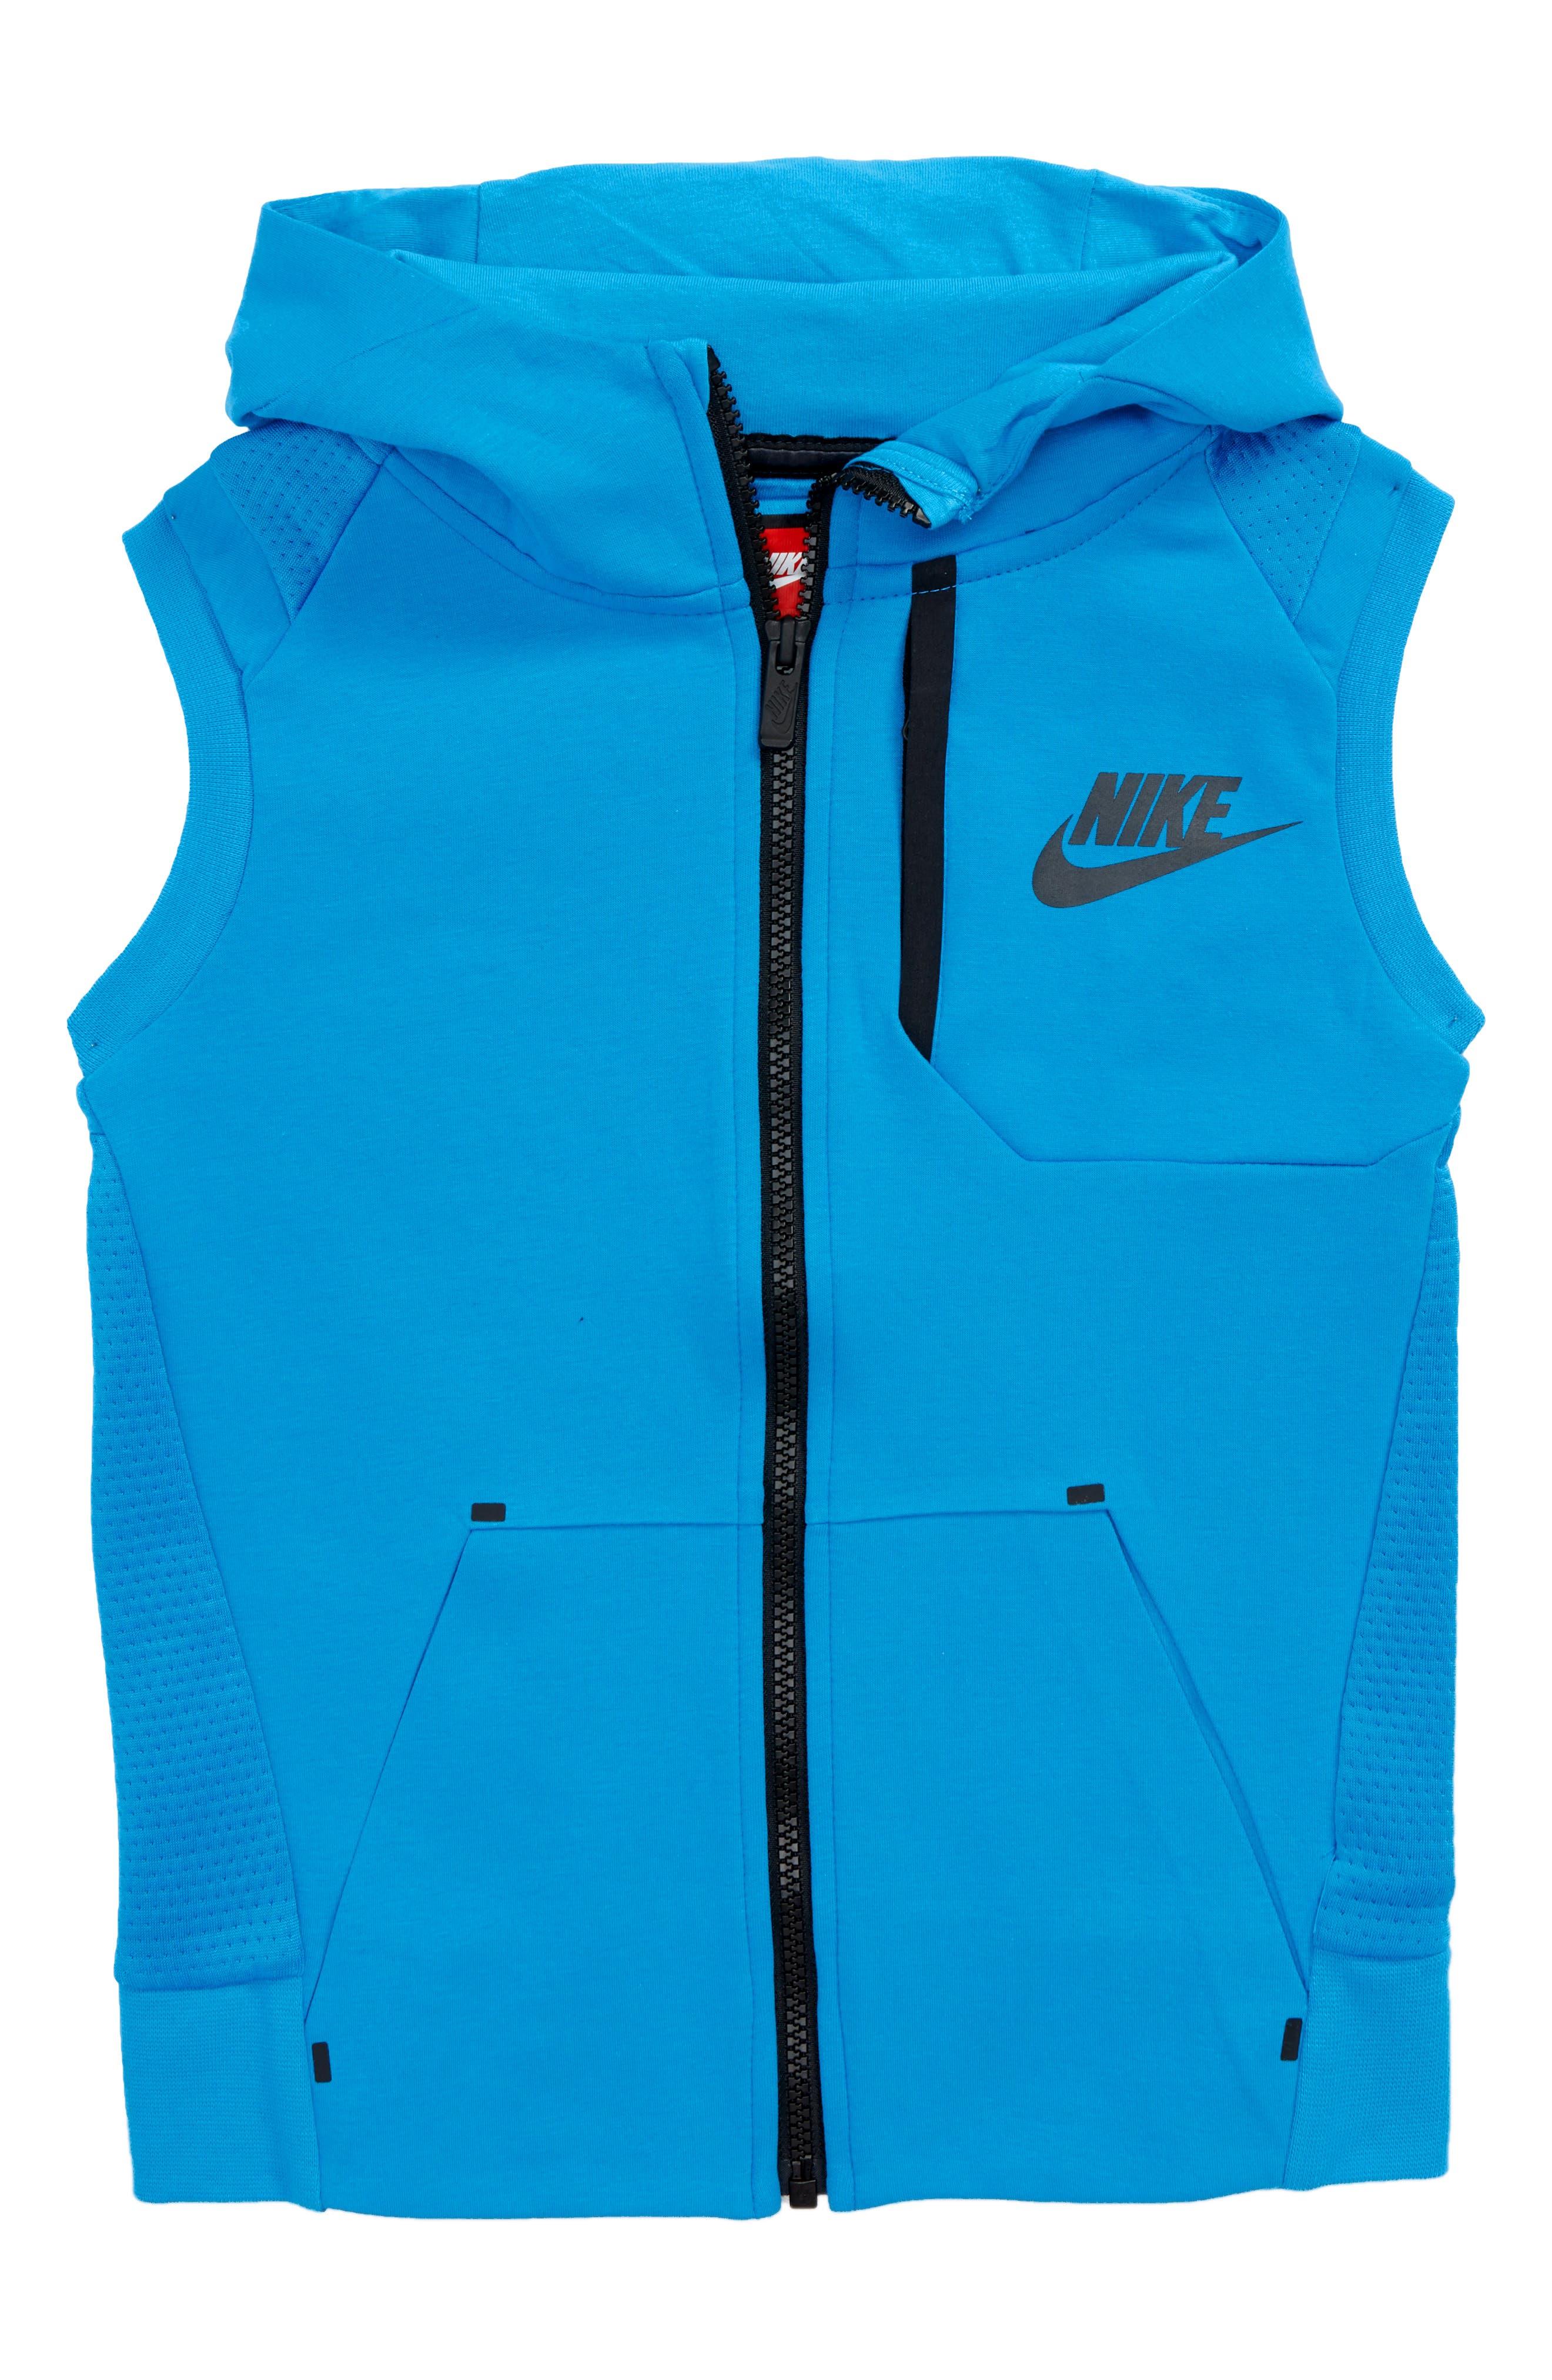 Alternate Image 1 Selected - Nike Tech Fleece Hooded Vest (Little Boys)